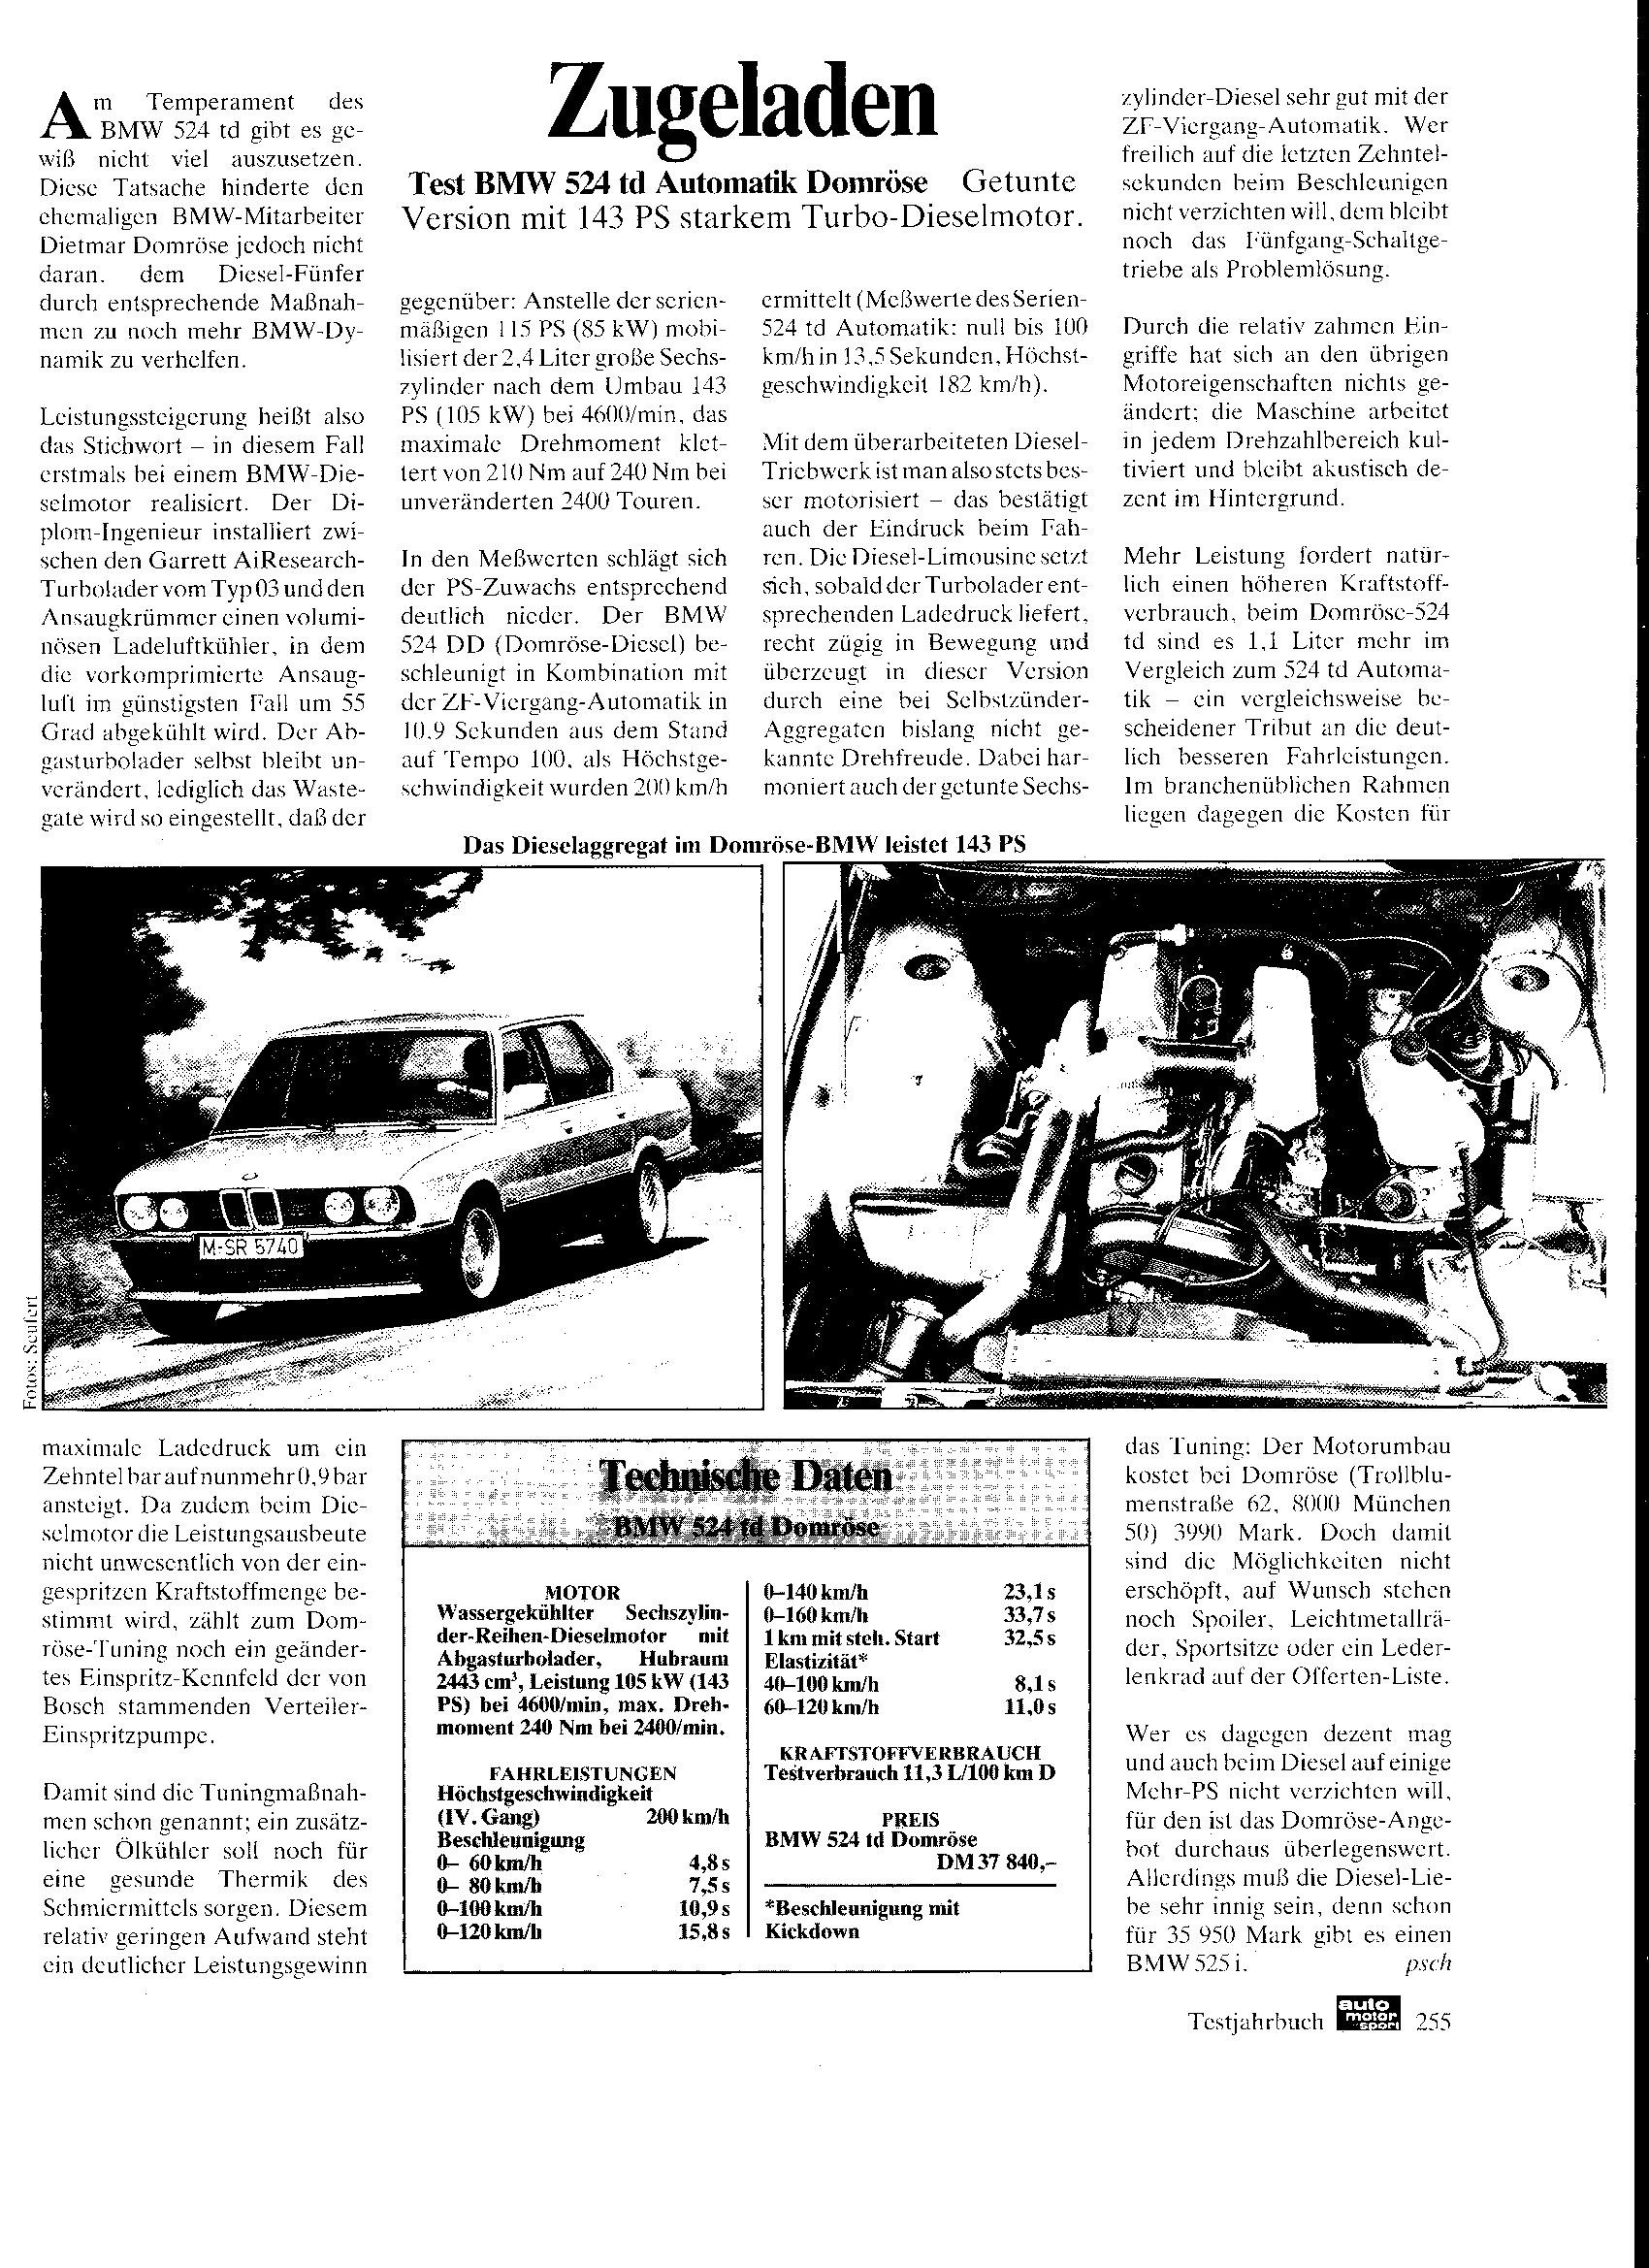 """Auto-Motor-und-Sport, """"Zugeladen"""""""